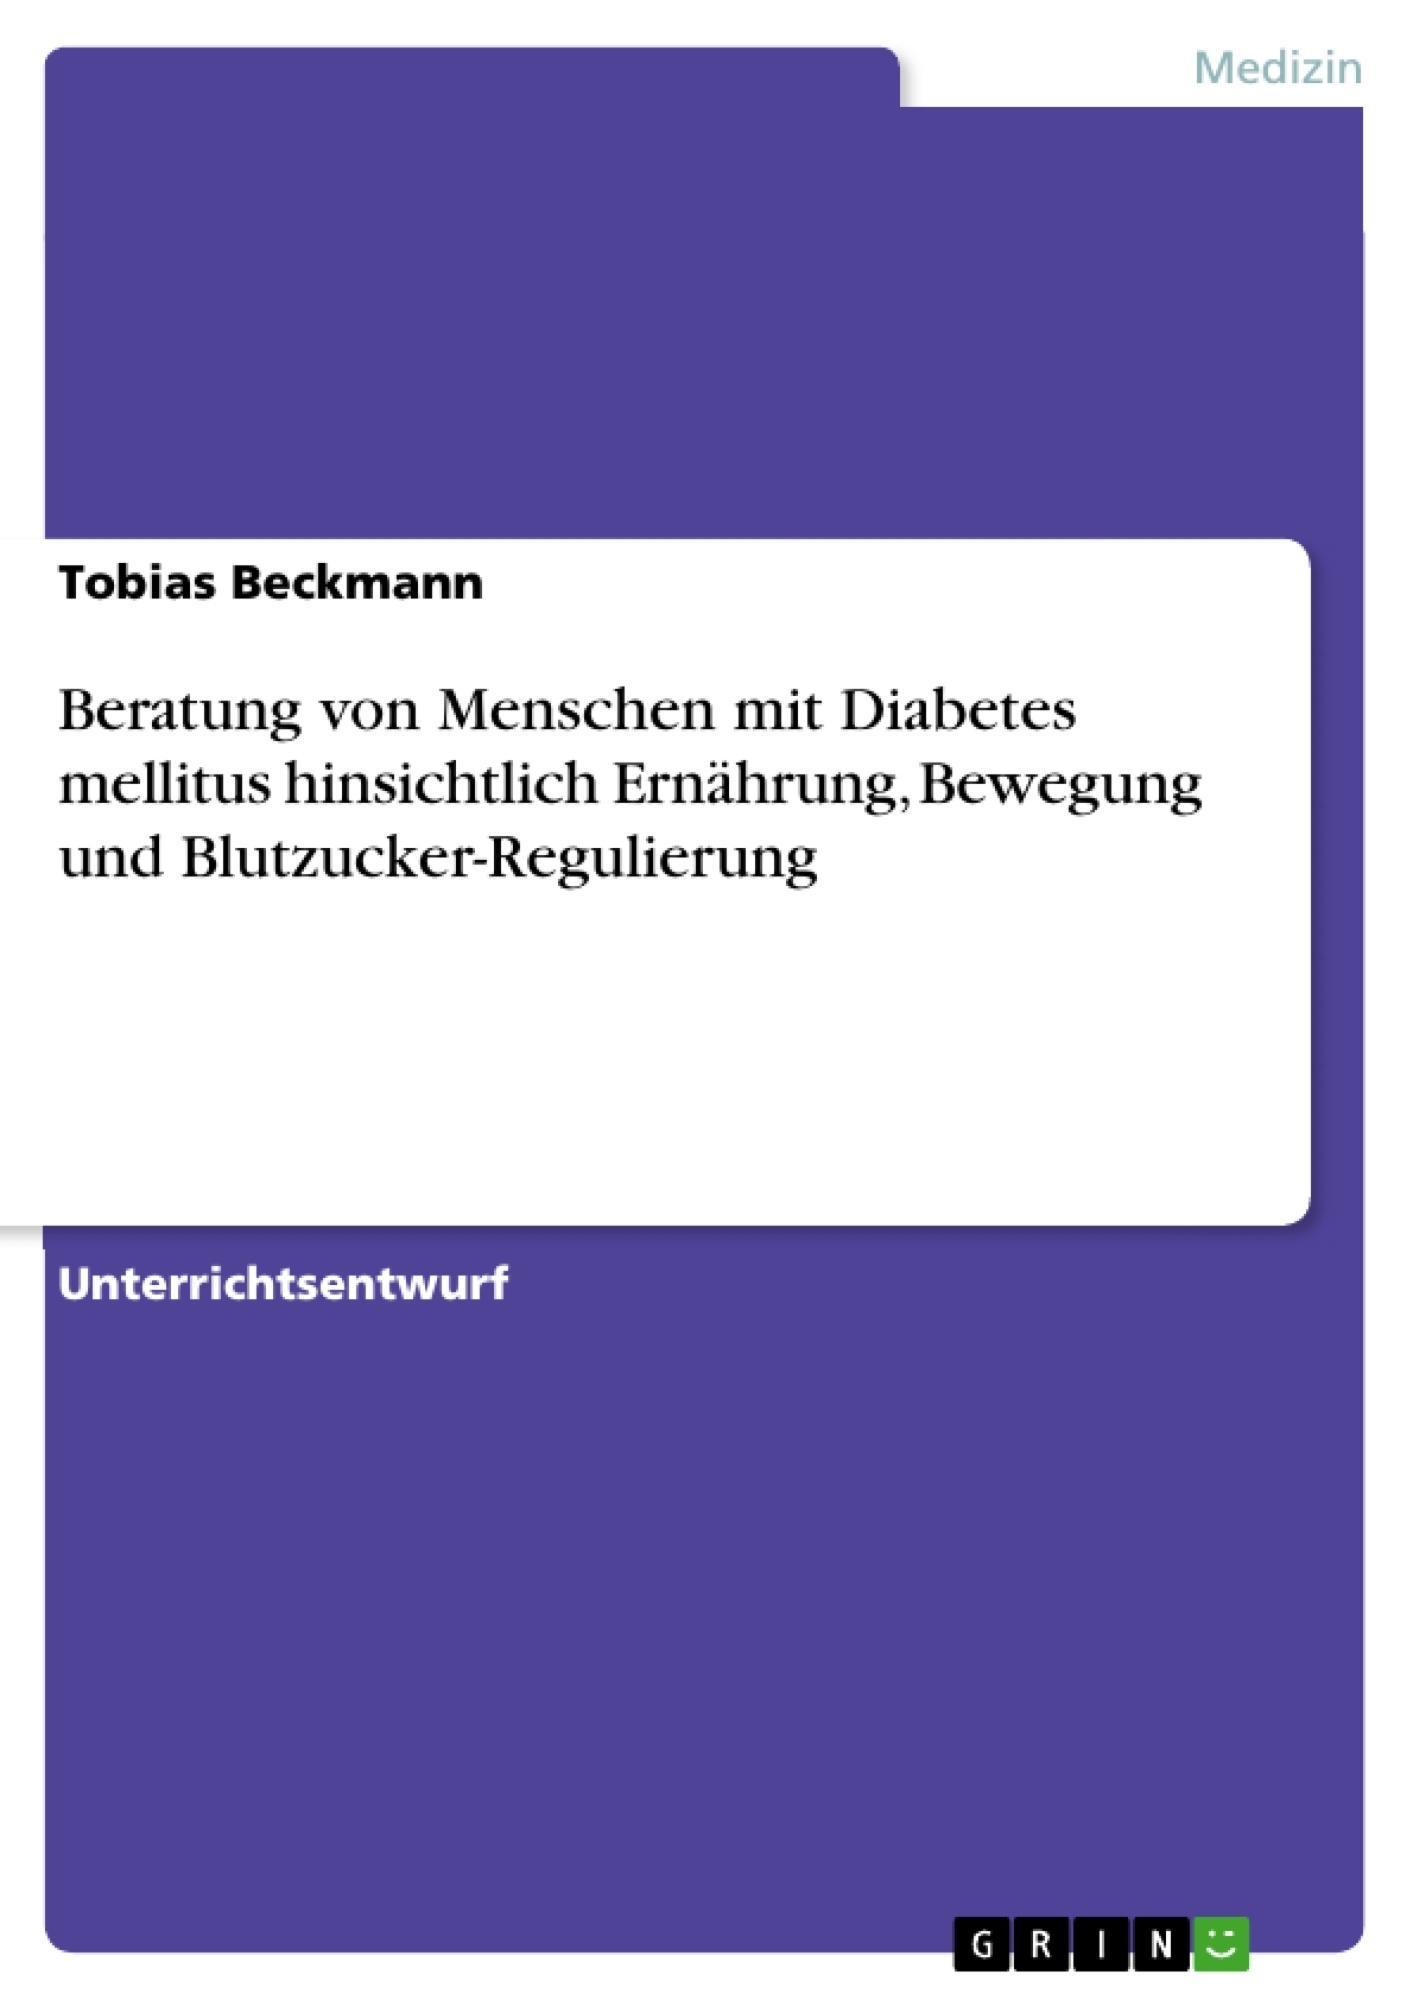 Titel: Beratung von Menschen mit Diabetes mellitus hinsichtlich Ernährung, Bewegung und Blutzucker-Regulierung